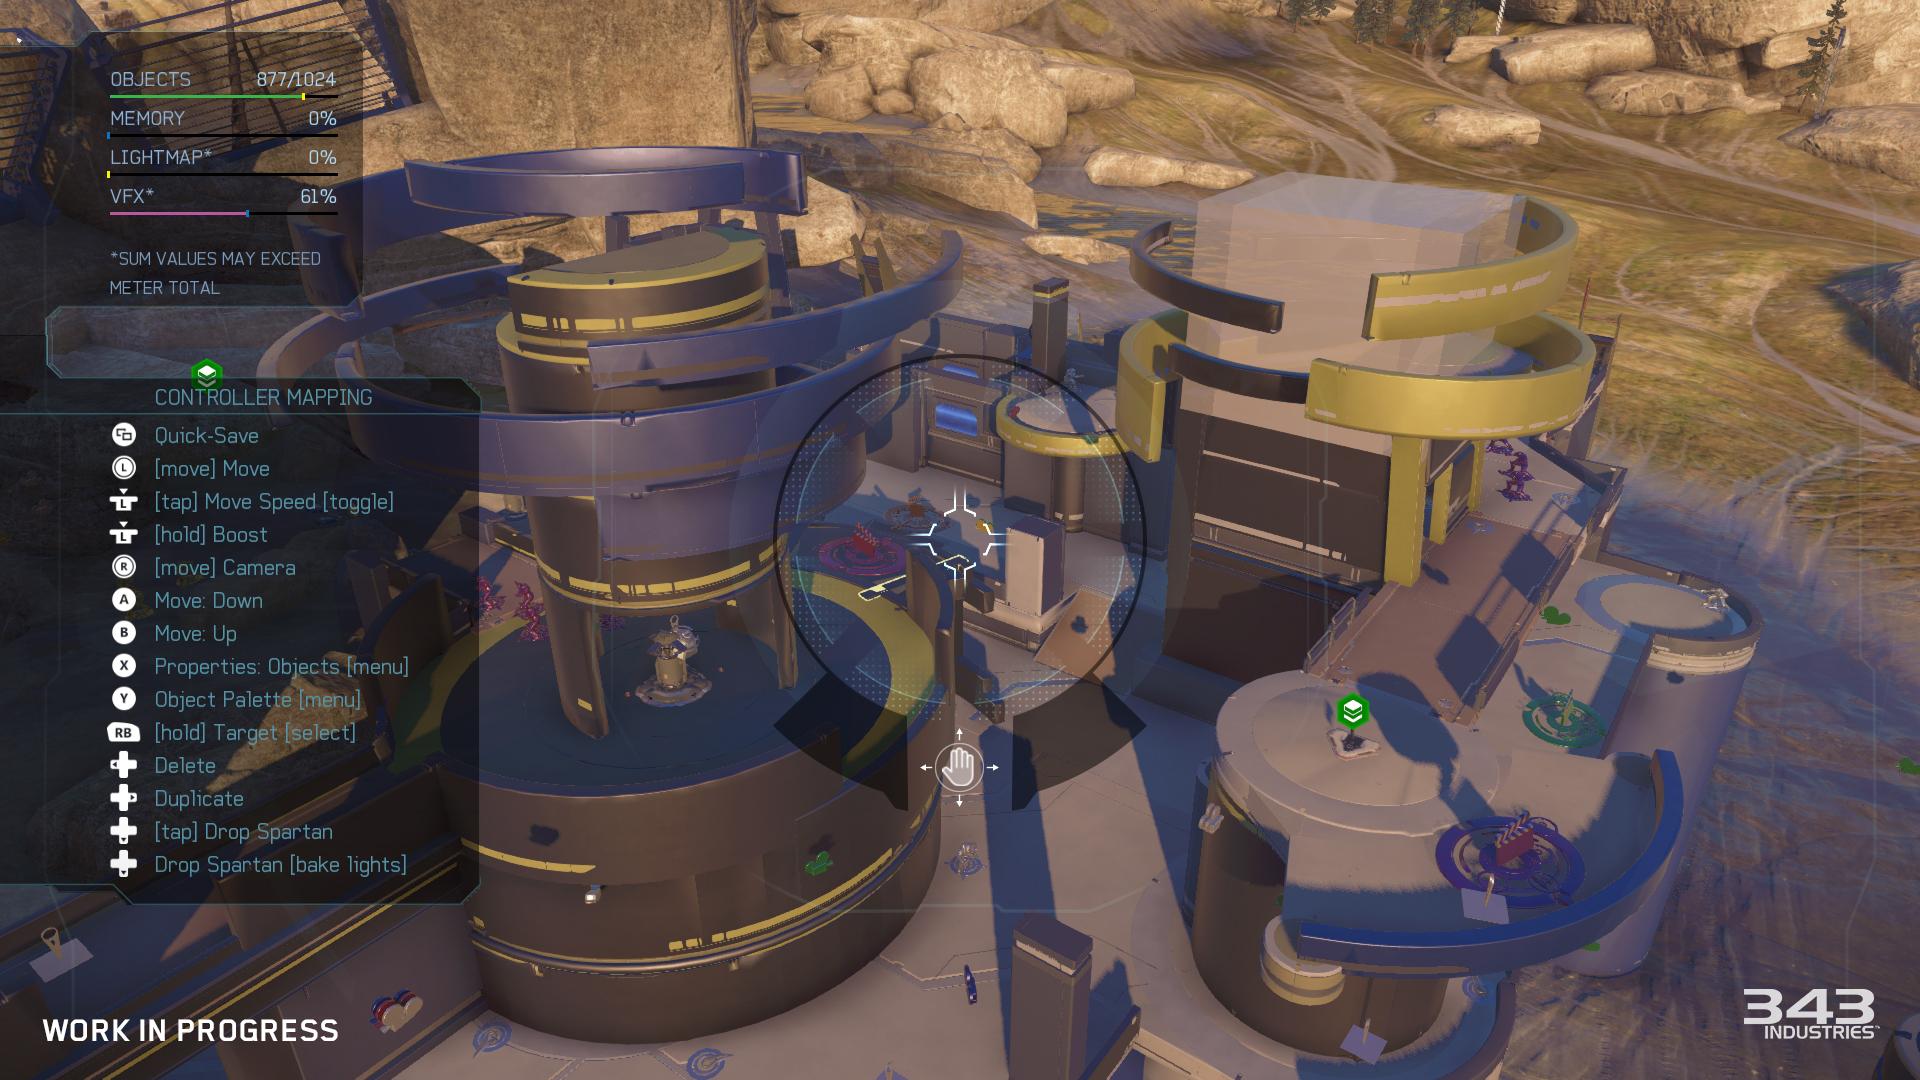 Halo downloaden nieuwste matchmaking gegevens